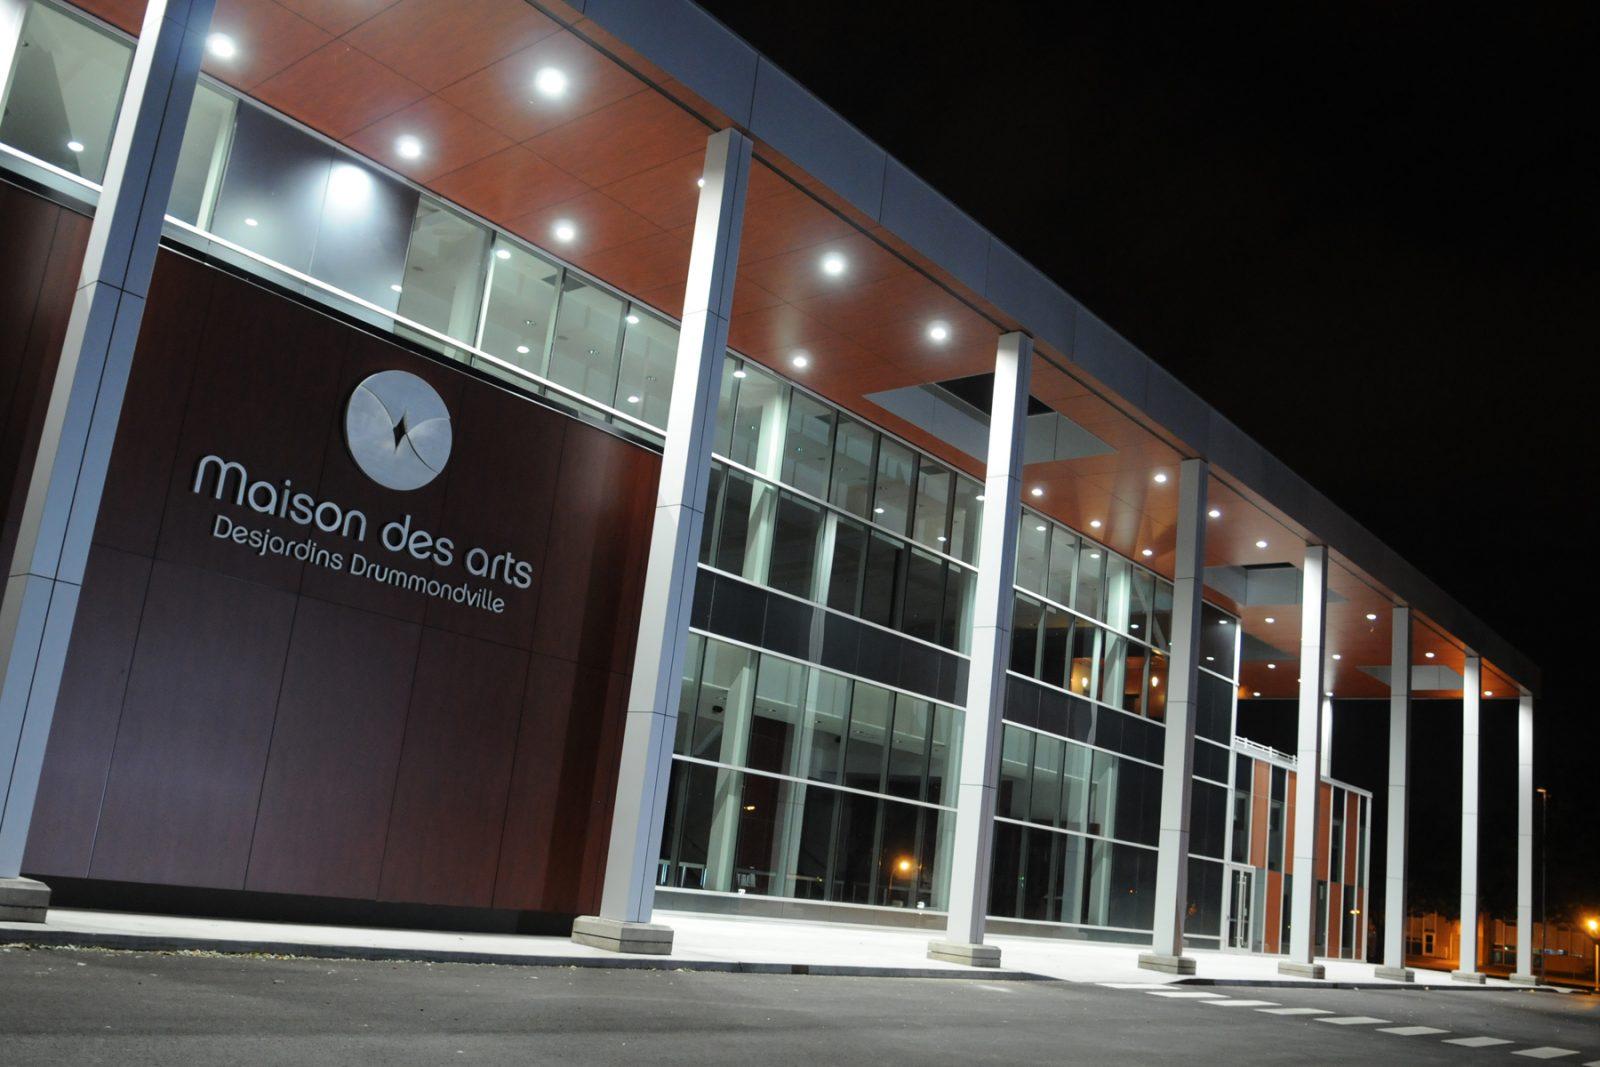 La Maison des arts annule toutes ses activités pour les 30 prochains jours